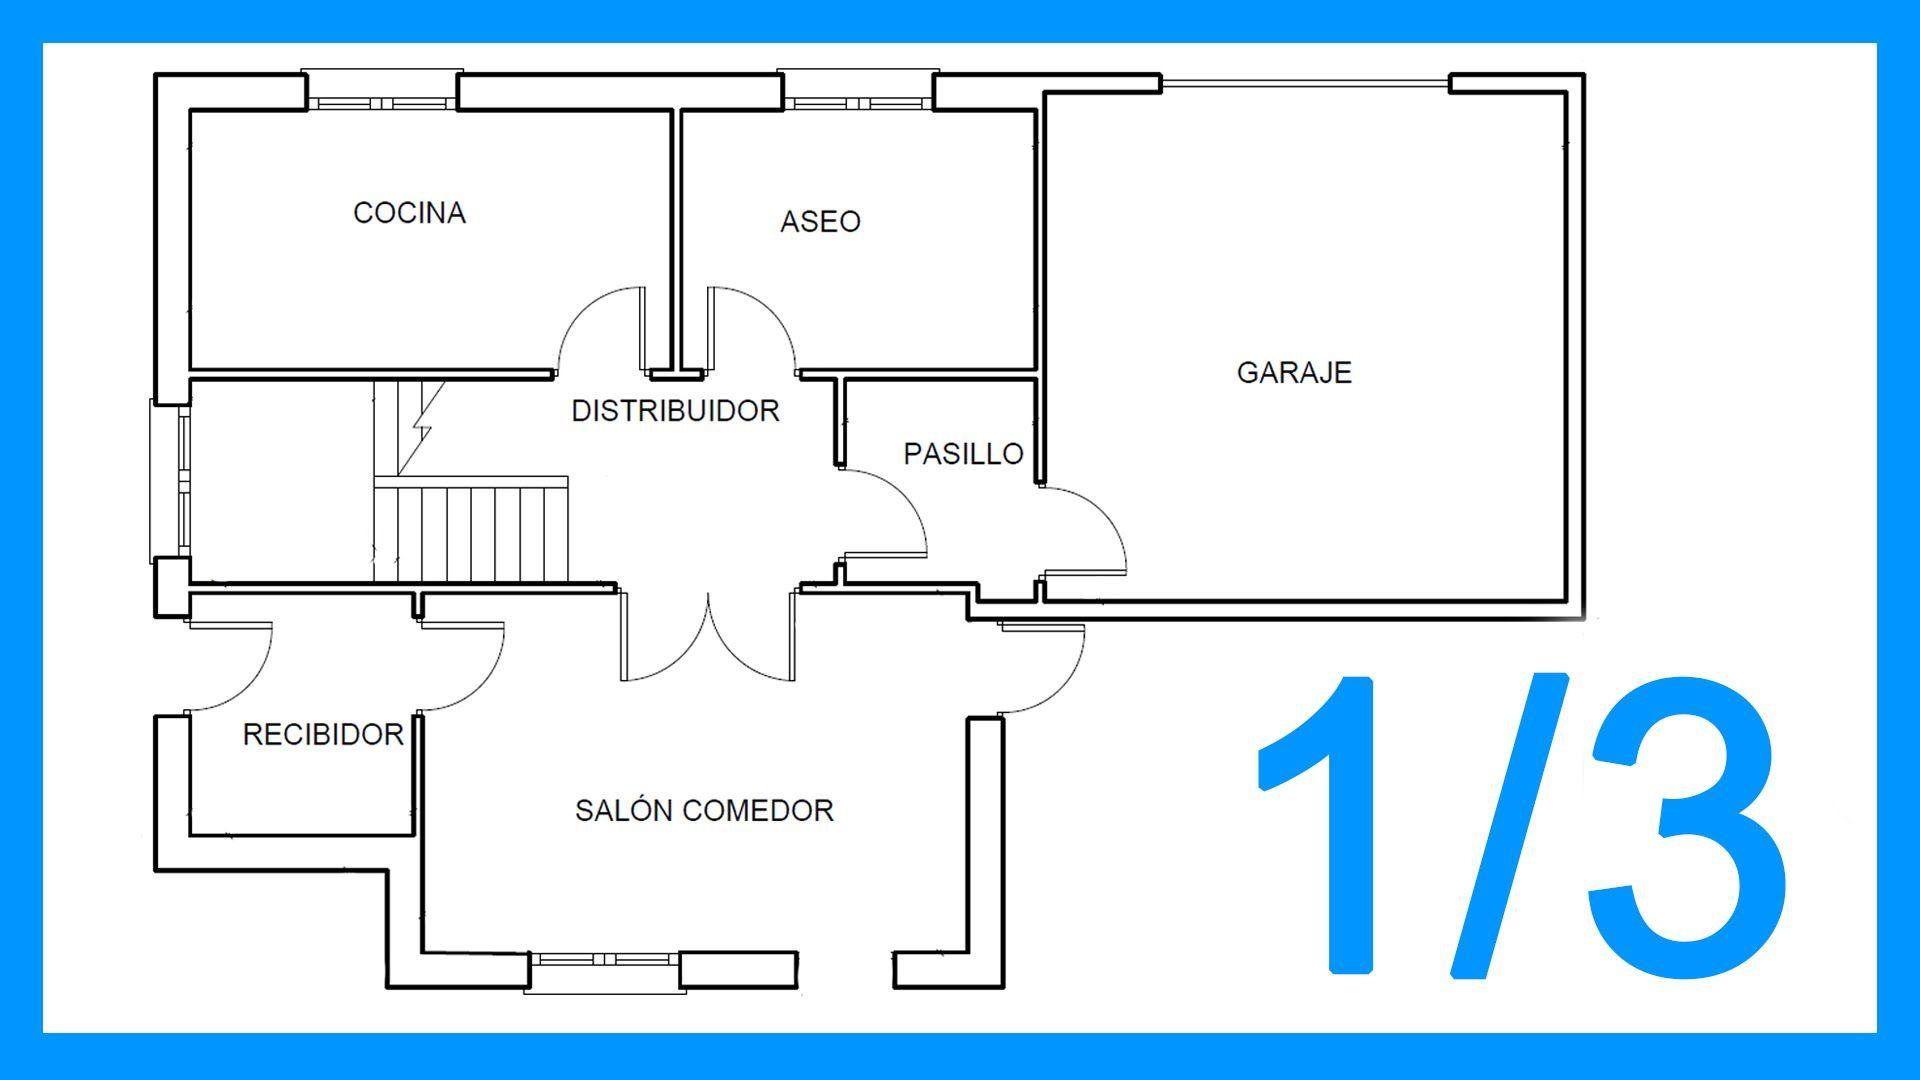 Autocad 1 3 Dibujar El Plano De Una Casa Paso A Paso En Autocad  ~ Programa Para Hacer Planos De Viviendas